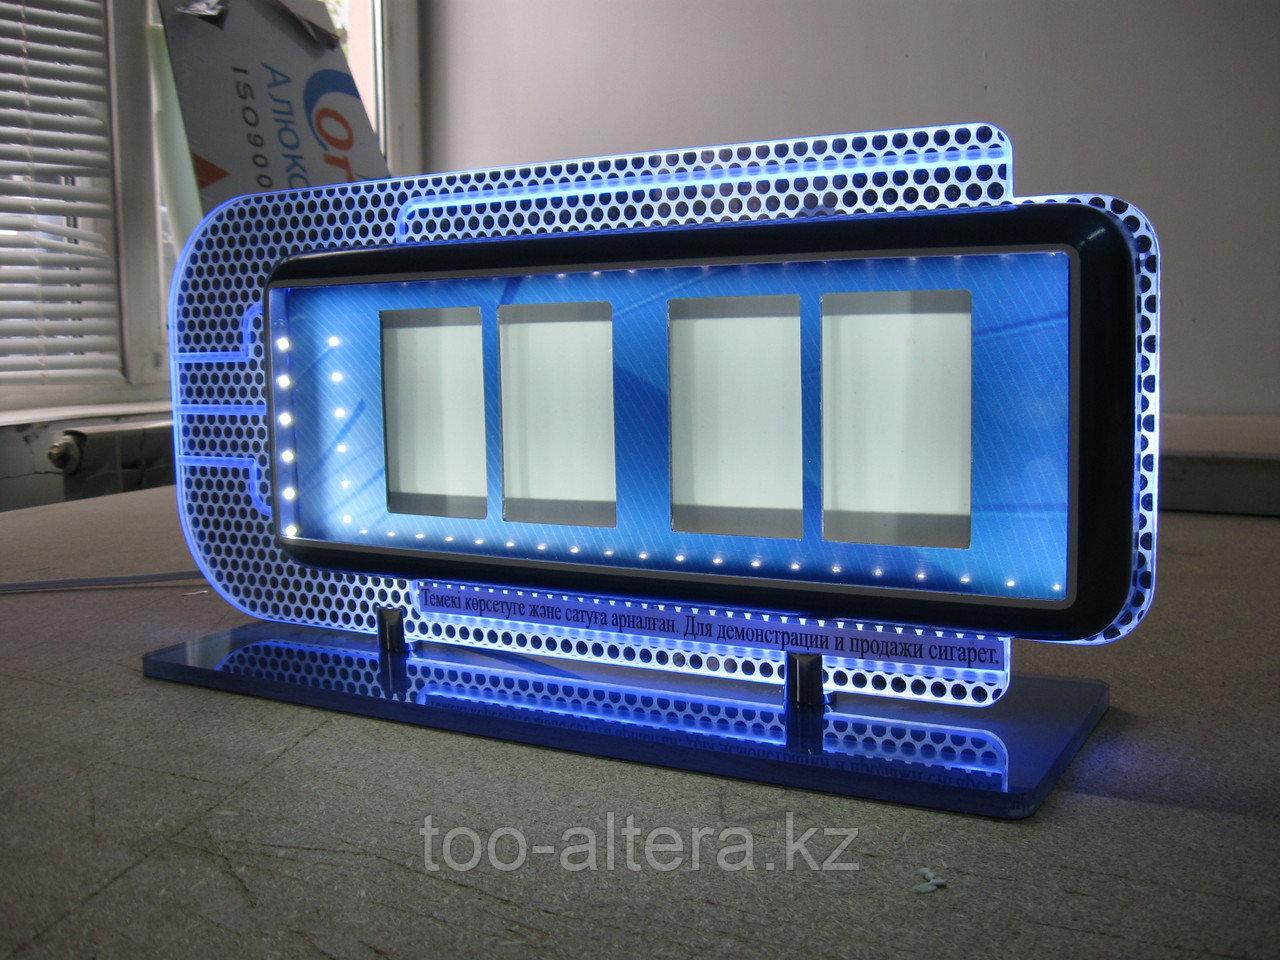 Производство POS-материалов в Алматы